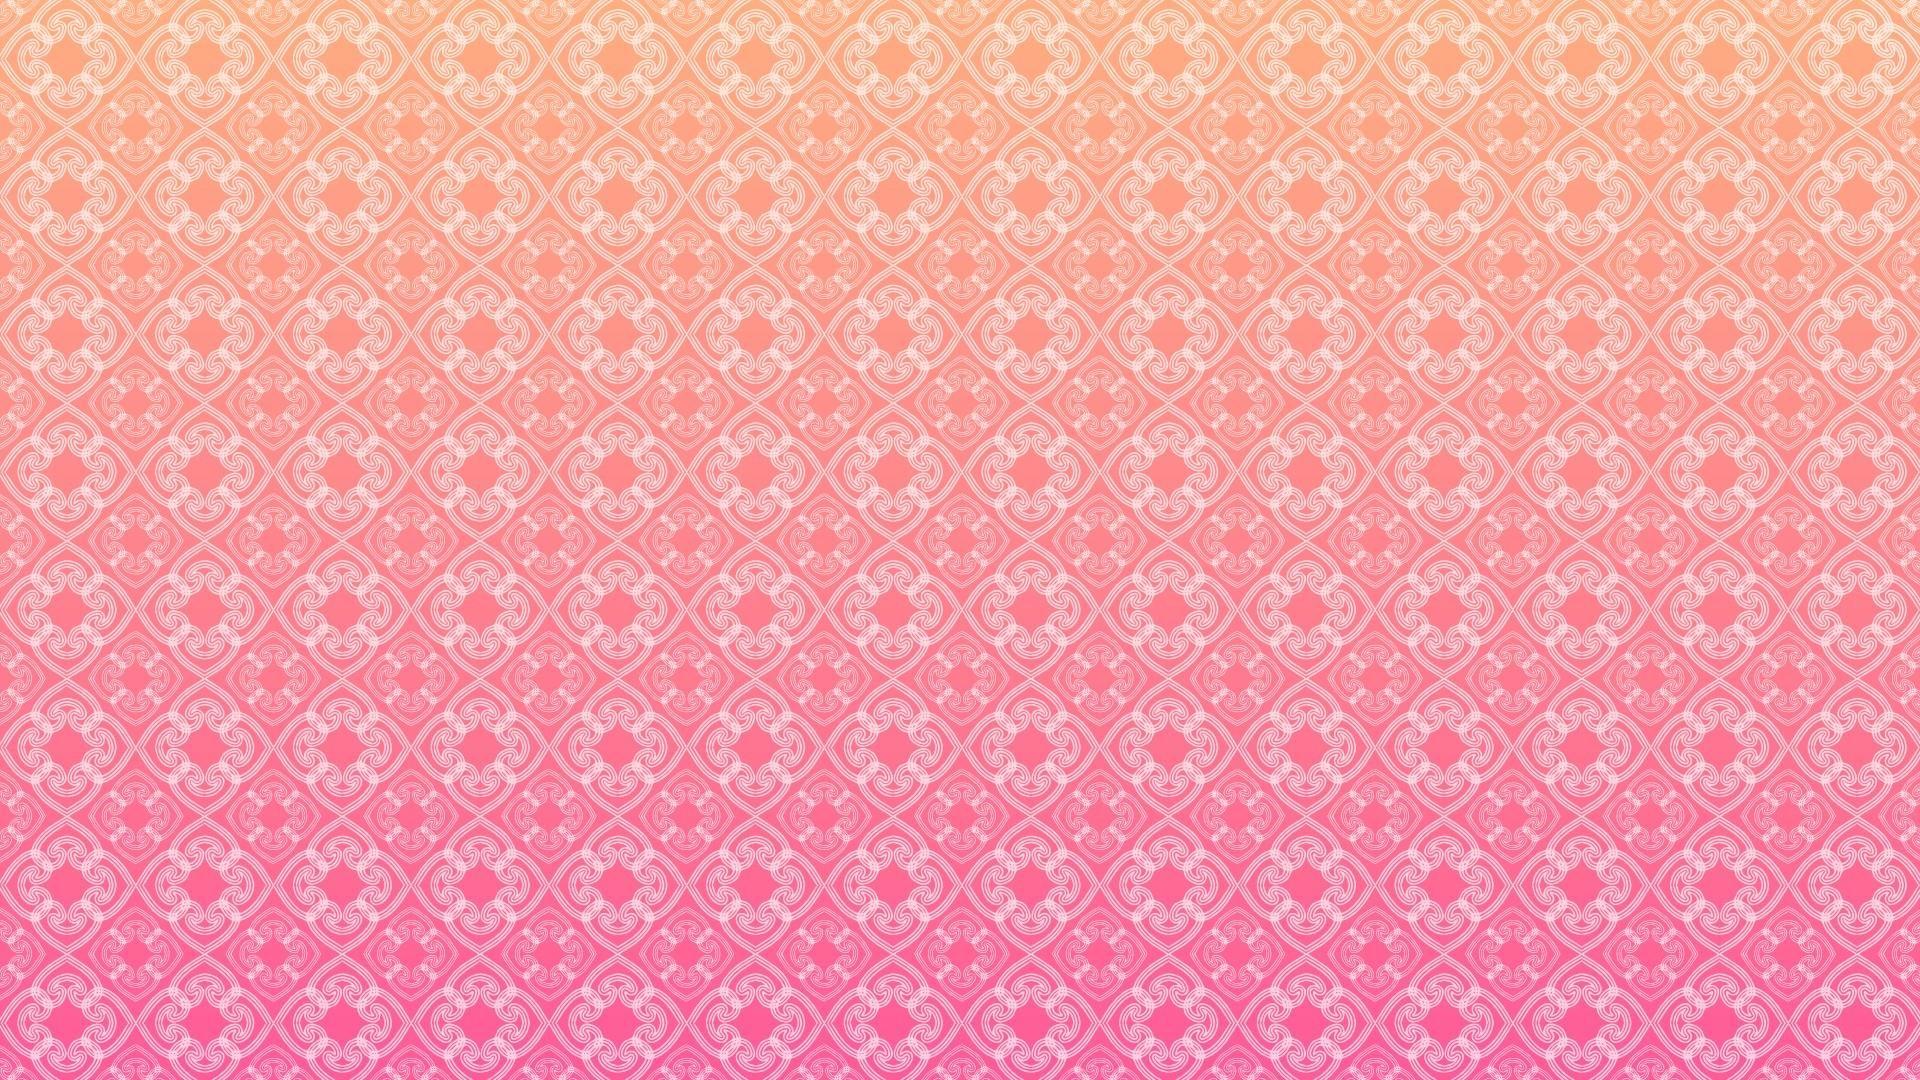 Pastel Pink Wallpaper Tumblr 1920x1080